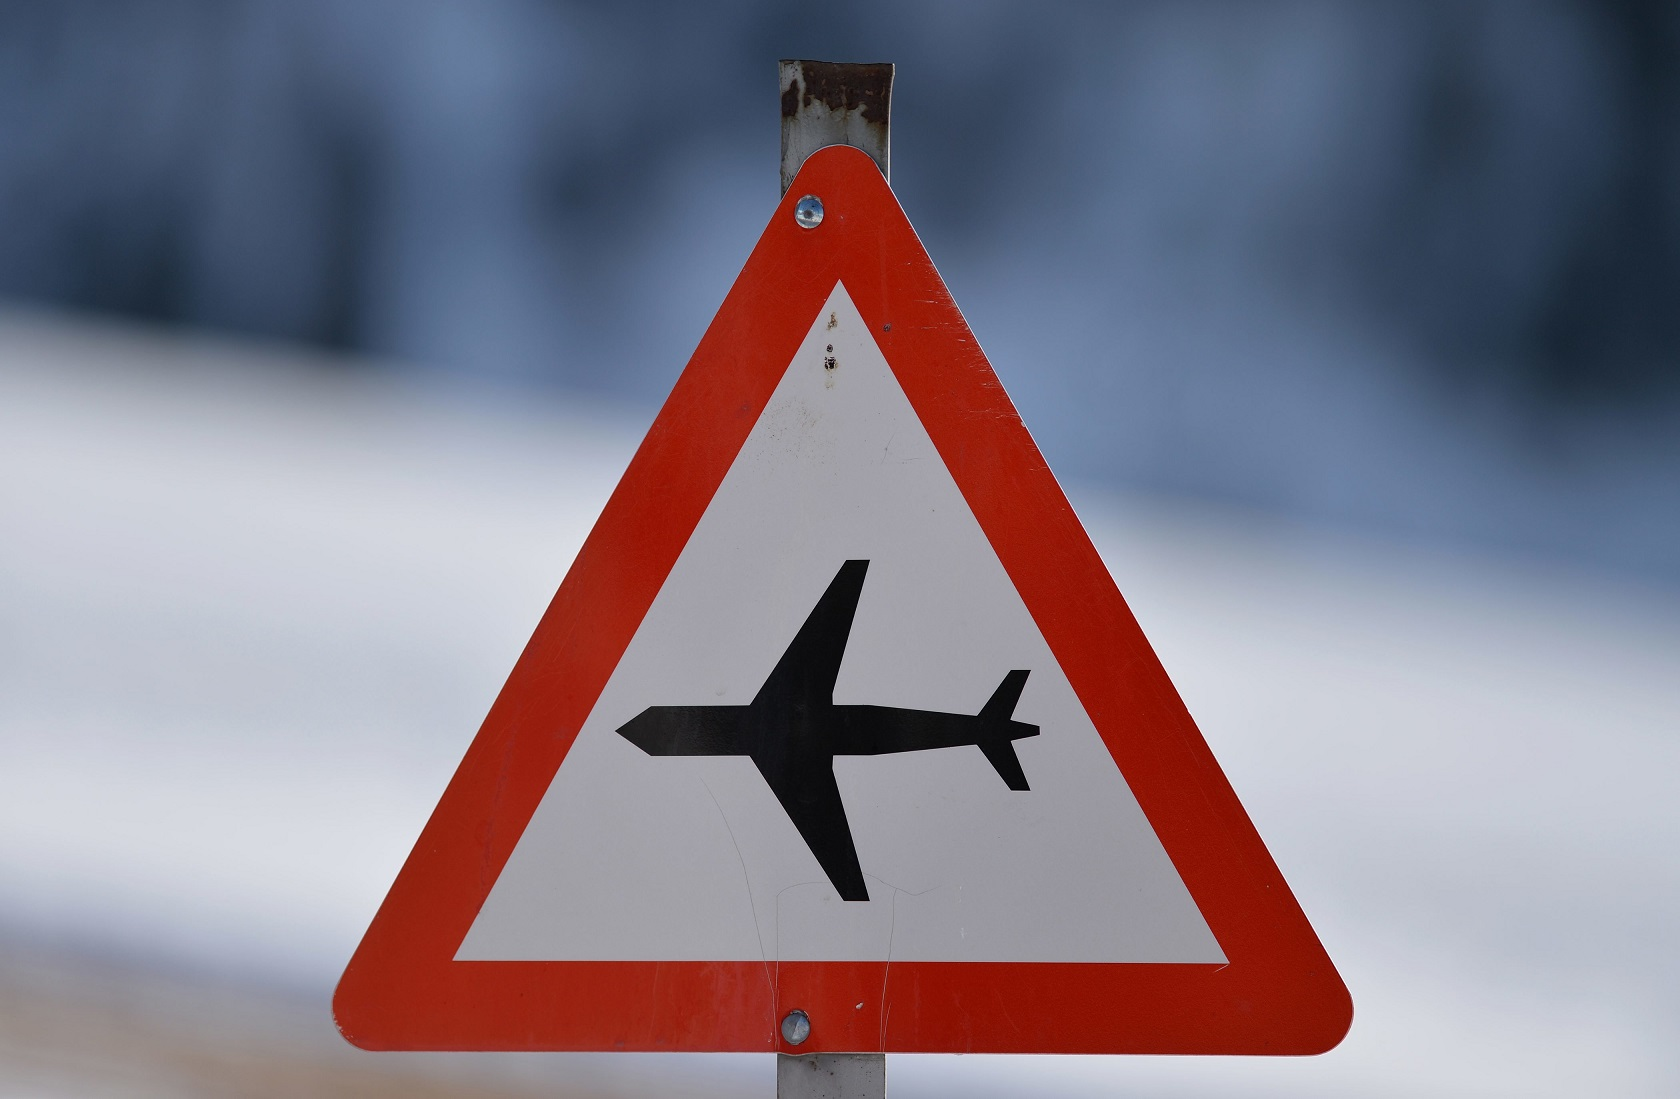 Sinal indicativo de tráfego de aviões, do chuveiro às maxi goiabinhas. Foto Frank May/DPA